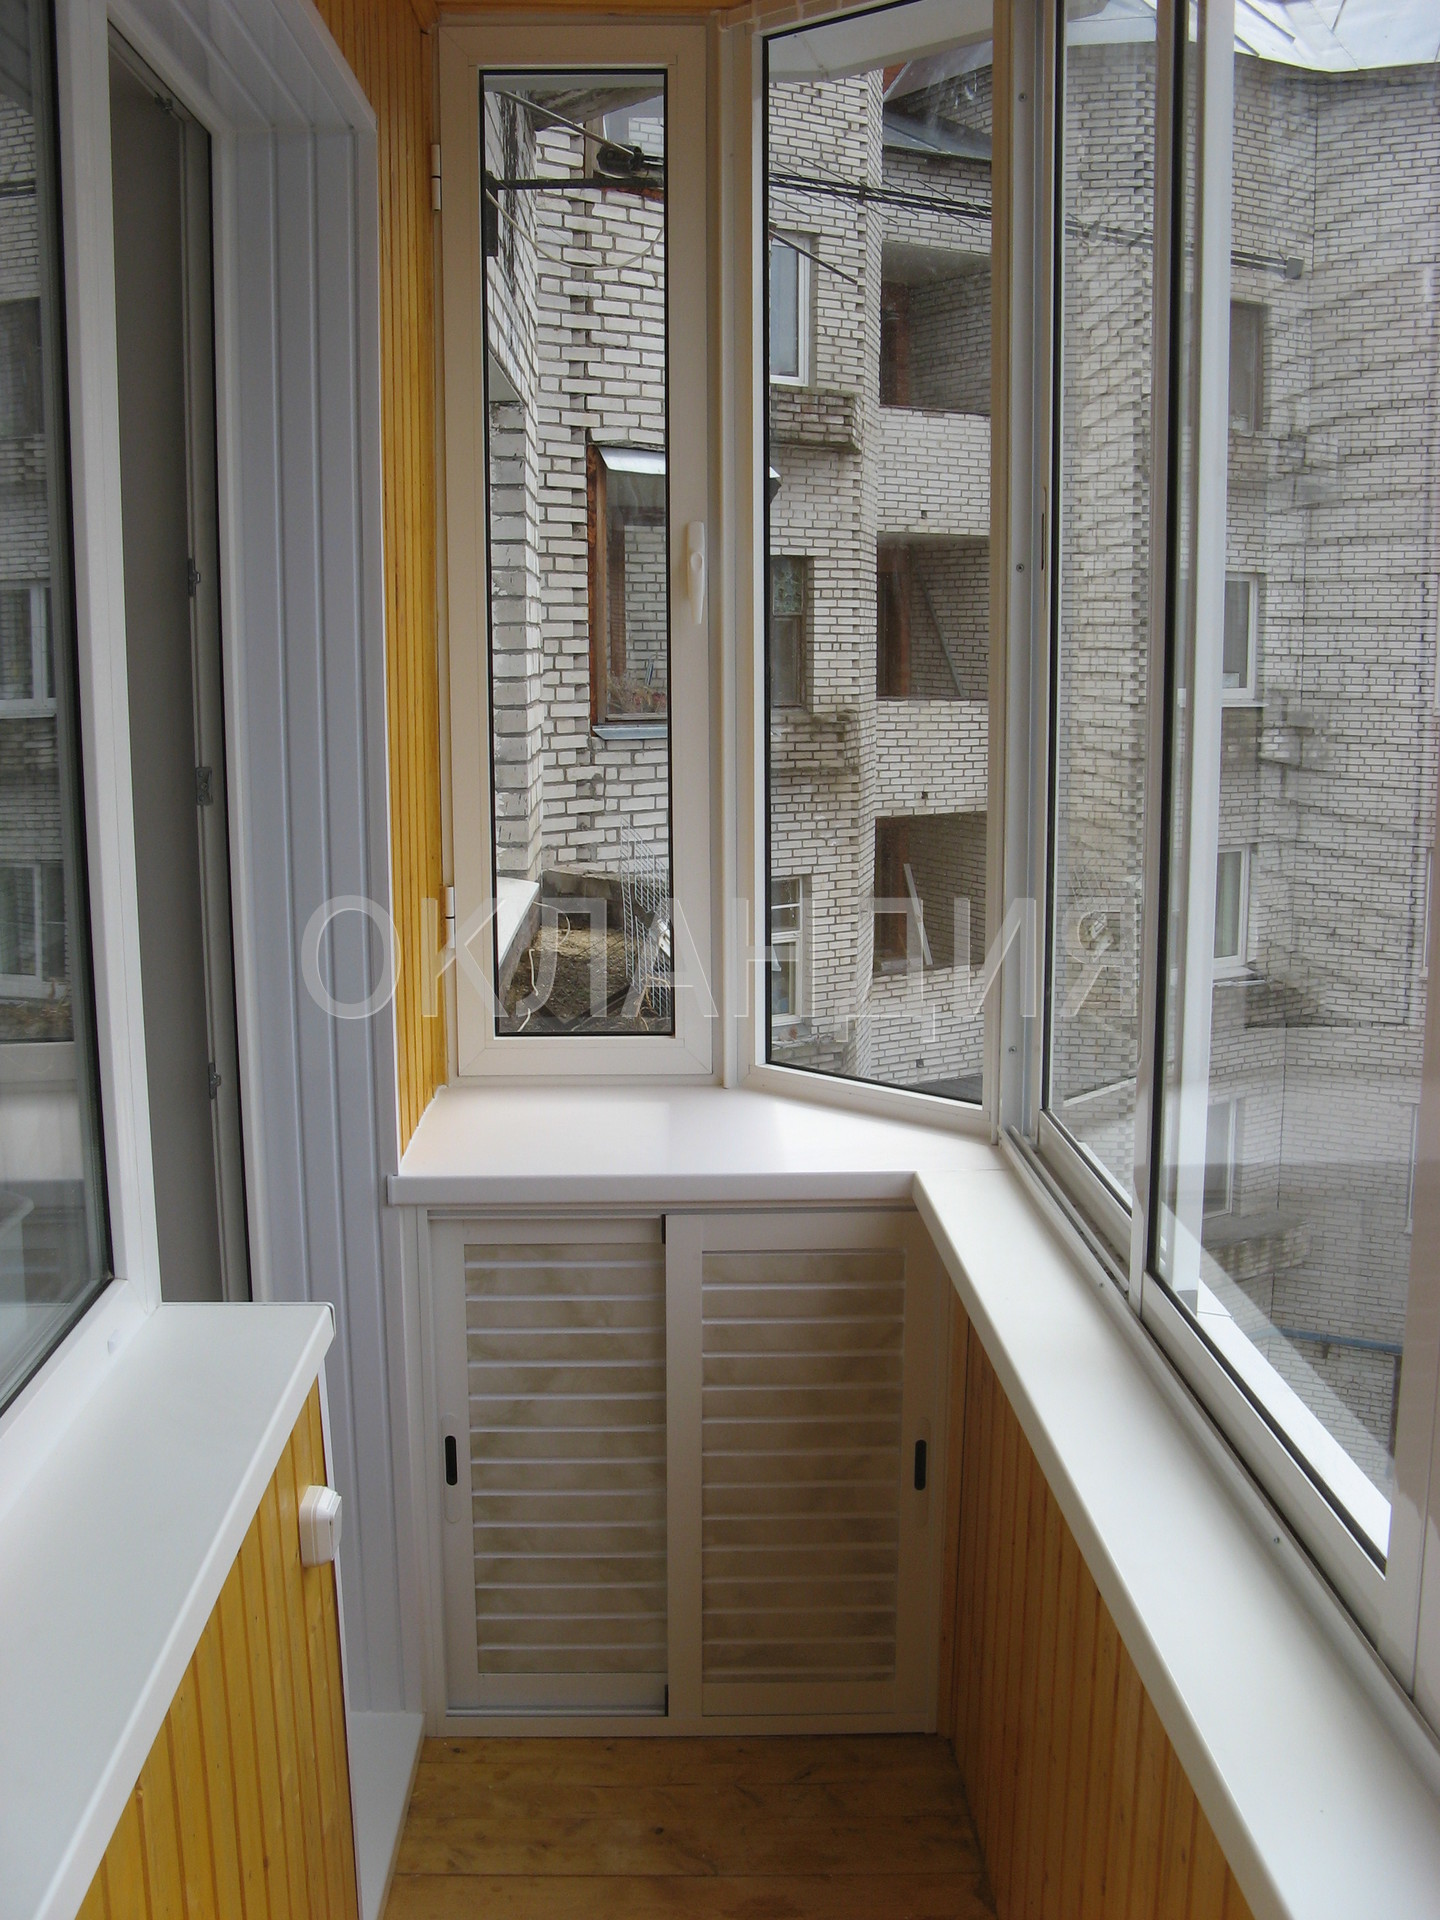 Отделка балконов и лоджий - фотогалерея.